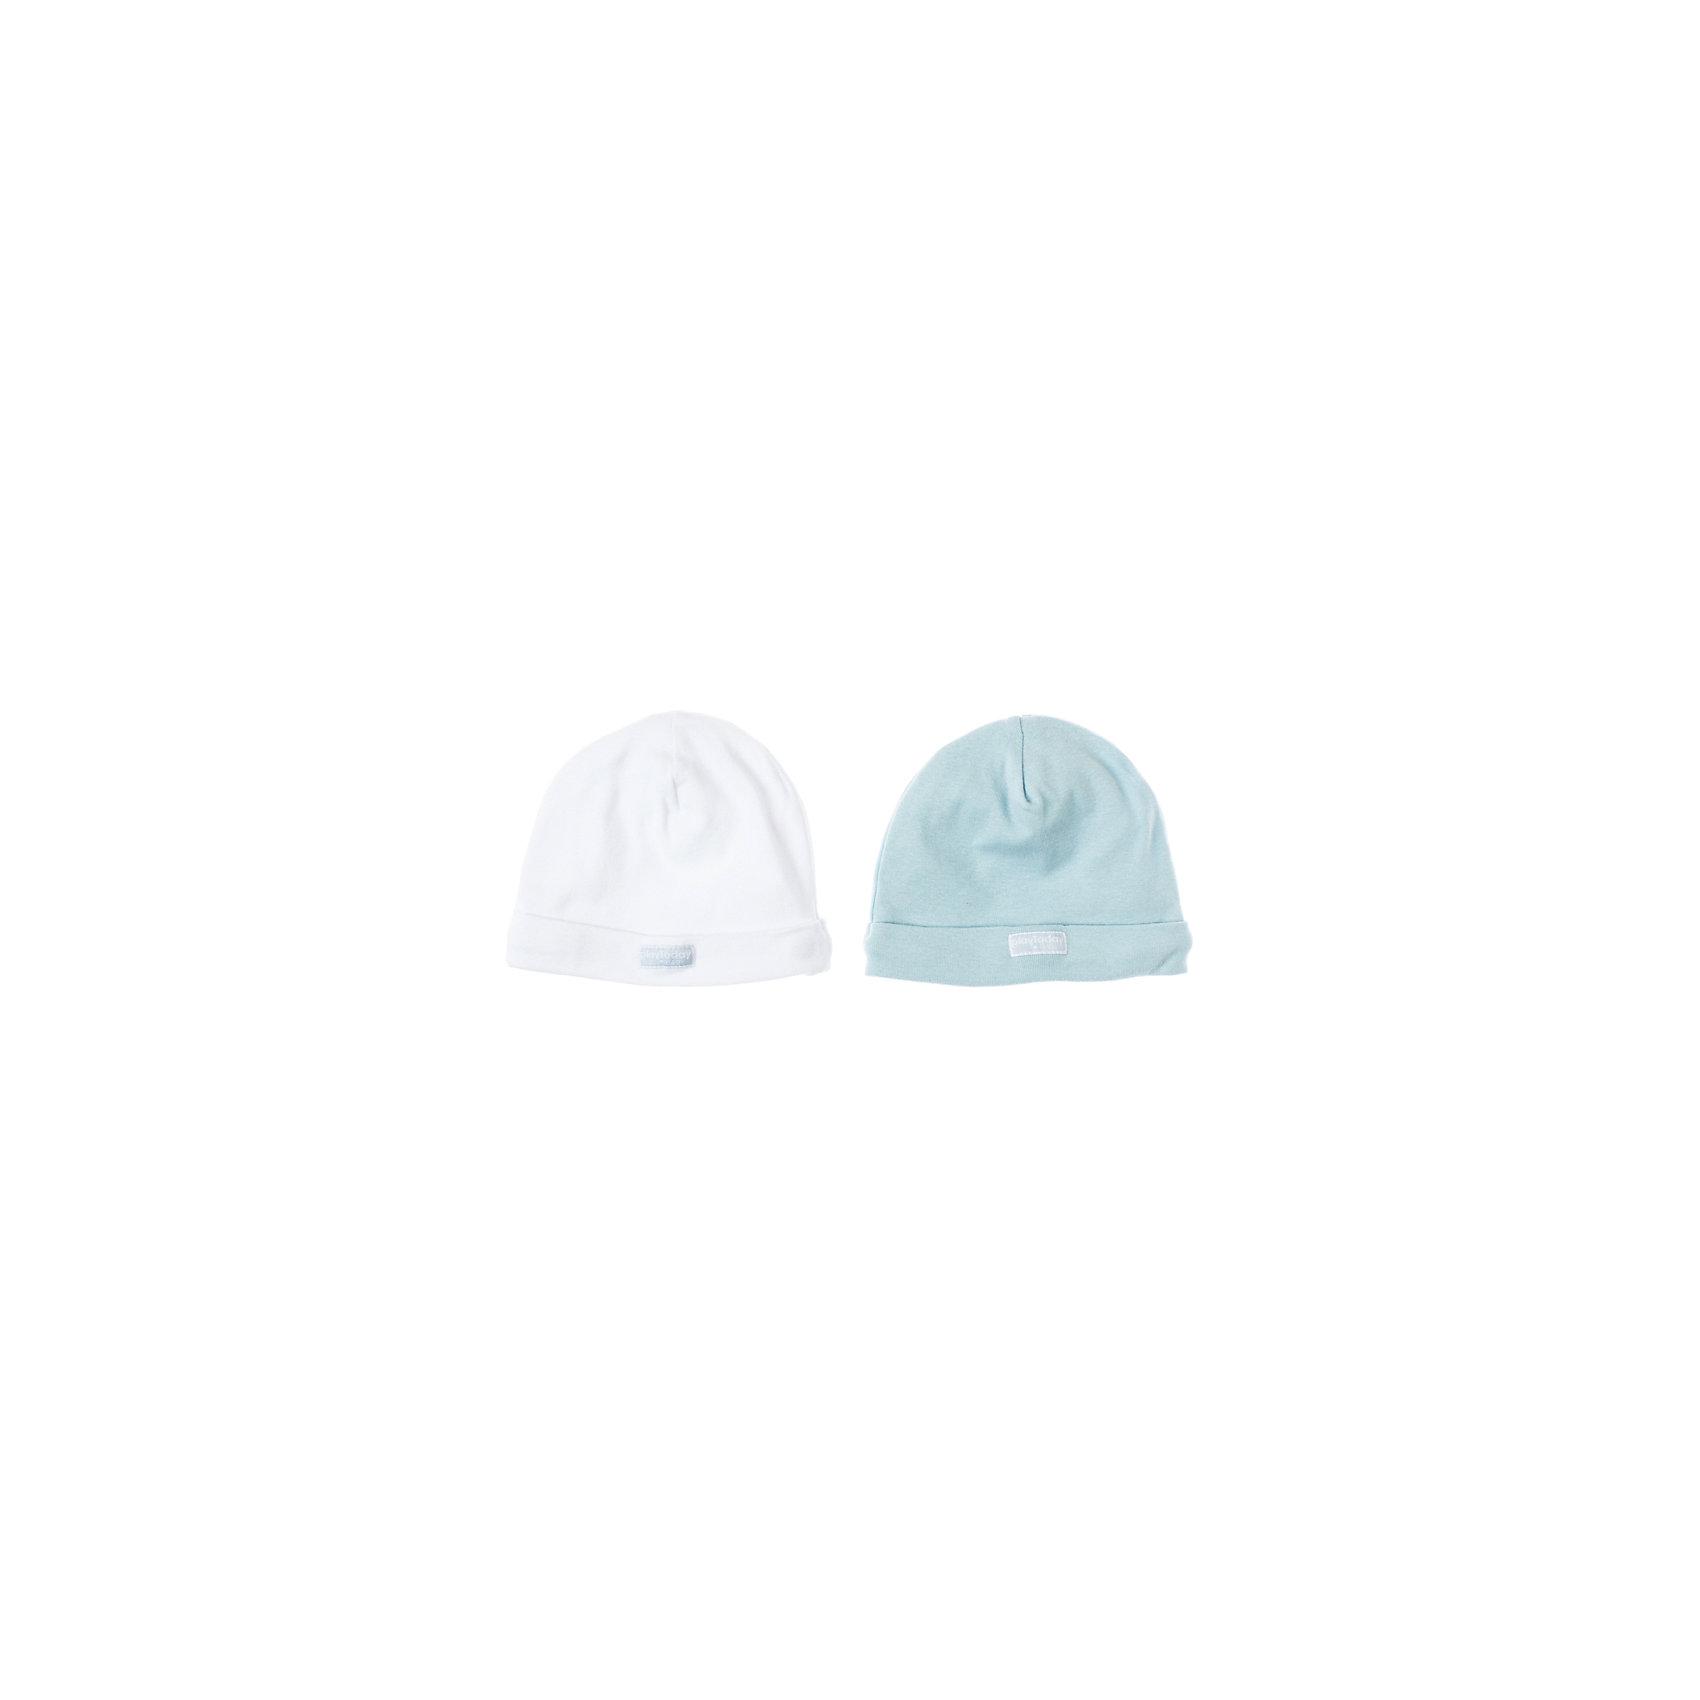 Шапка (2 шт.) для мальчика PlayTodayШапка (2 шт.) для мальчика PlayToday Комплект из двух хлопковых шапочек для новорожденного. Состав: 100% хлопок<br><br>Ширина мм: 89<br>Глубина мм: 117<br>Высота мм: 44<br>Вес г: 155<br>Цвет: белый<br>Возраст от месяцев: 3<br>Возраст до месяцев: 3<br>Пол: Мужской<br>Возраст: Детский<br>Размер: 42,40,44<br>SKU: 4229211